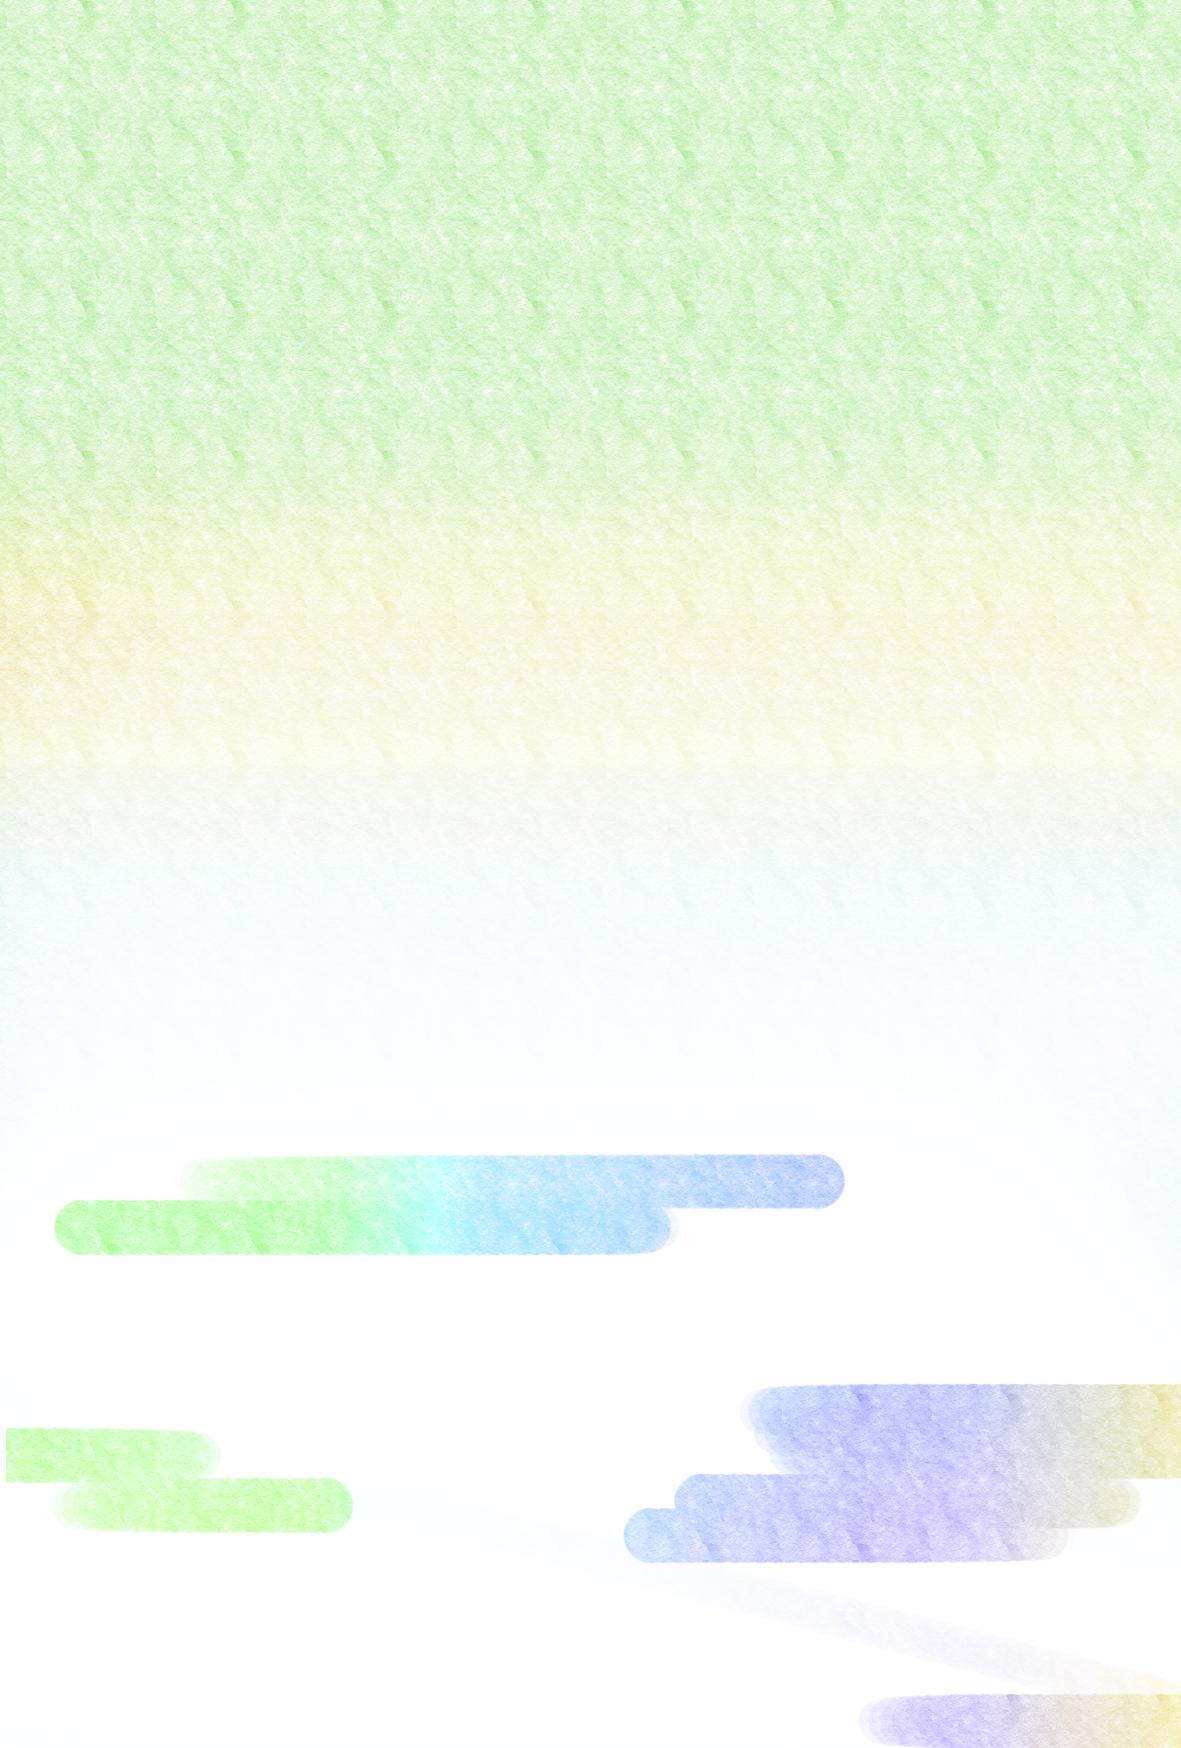 1181 x 1748 · 1397 kB · png, ... テンプレートフリー素材 ...